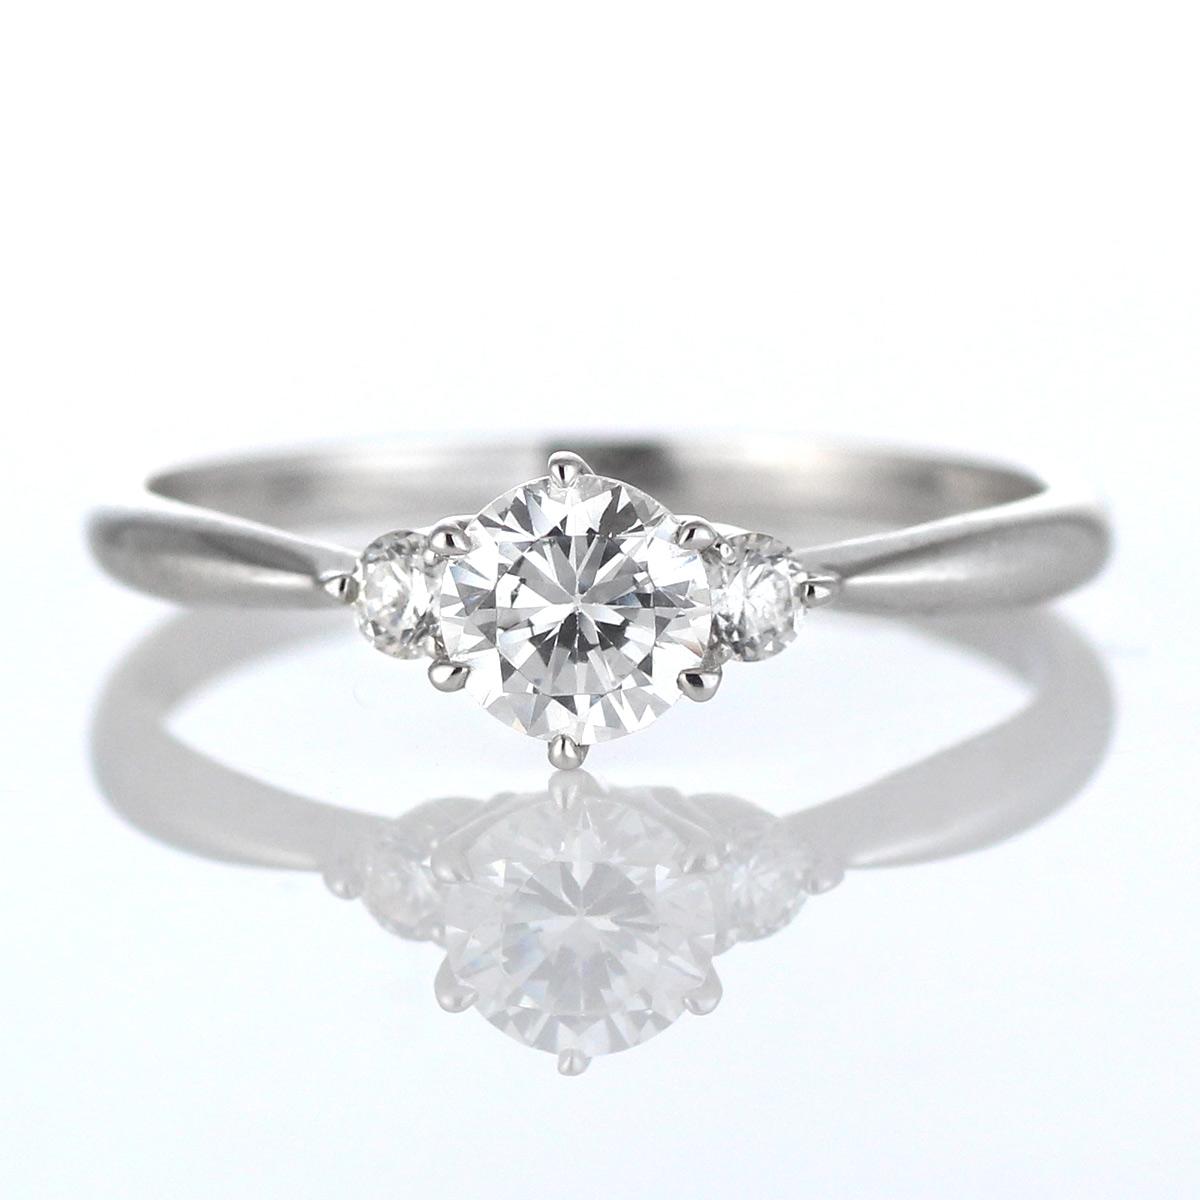 약혼 반지 약혼 반지 다이아몬드 플래티넘 반지 솔리테어 곡